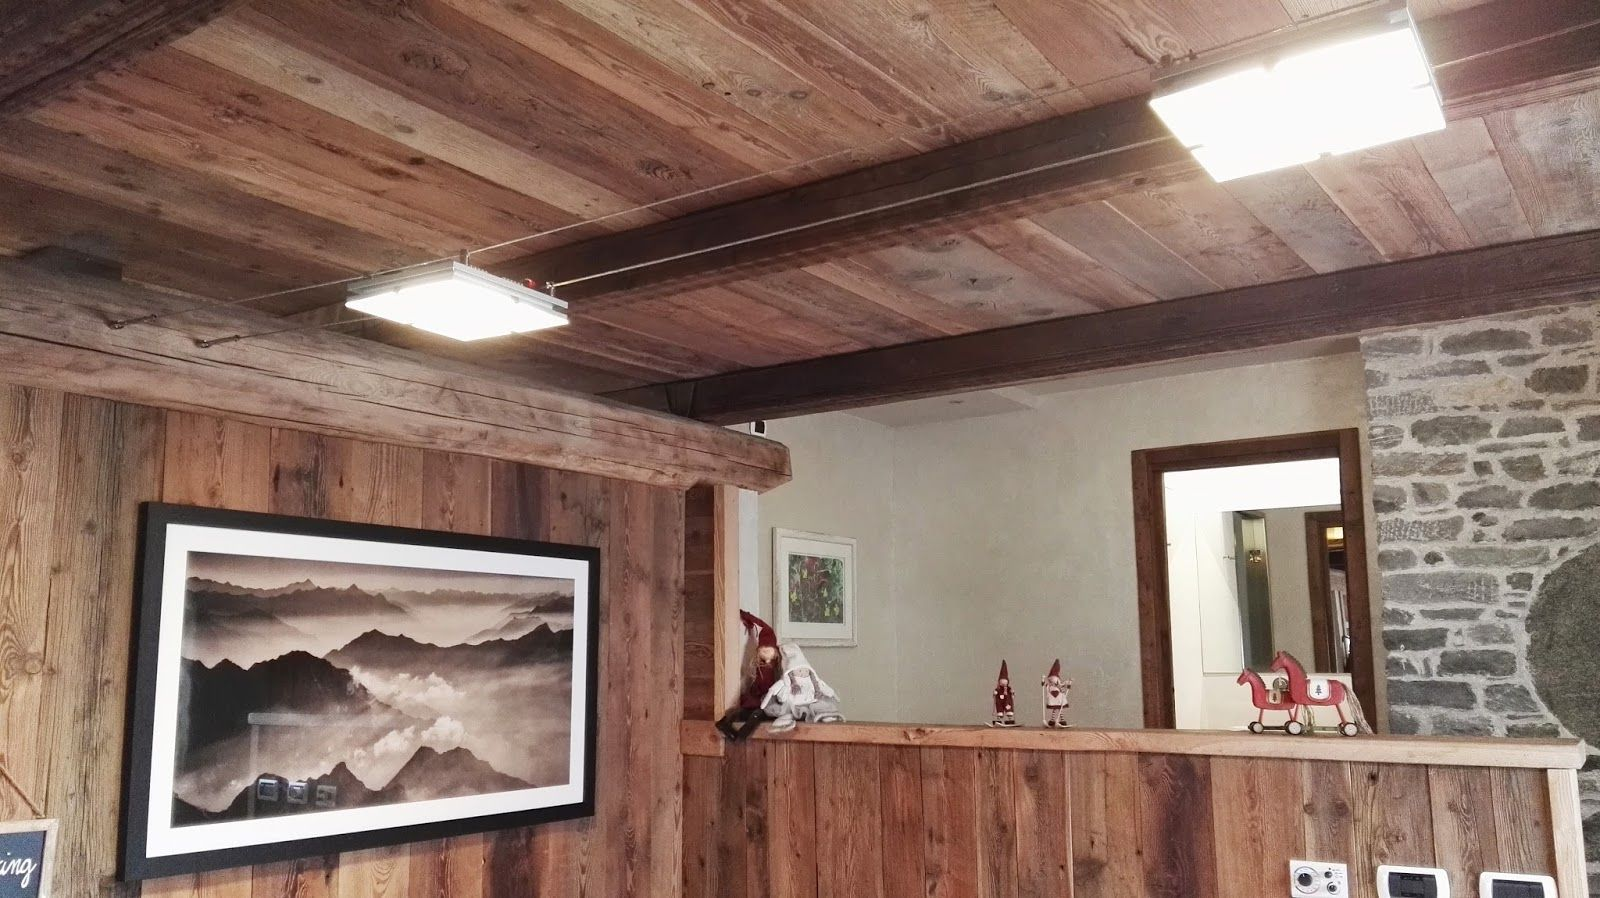 Plafoniere Per Travi Legno : Risultati immagini per illuminare soffitto travi a vista home